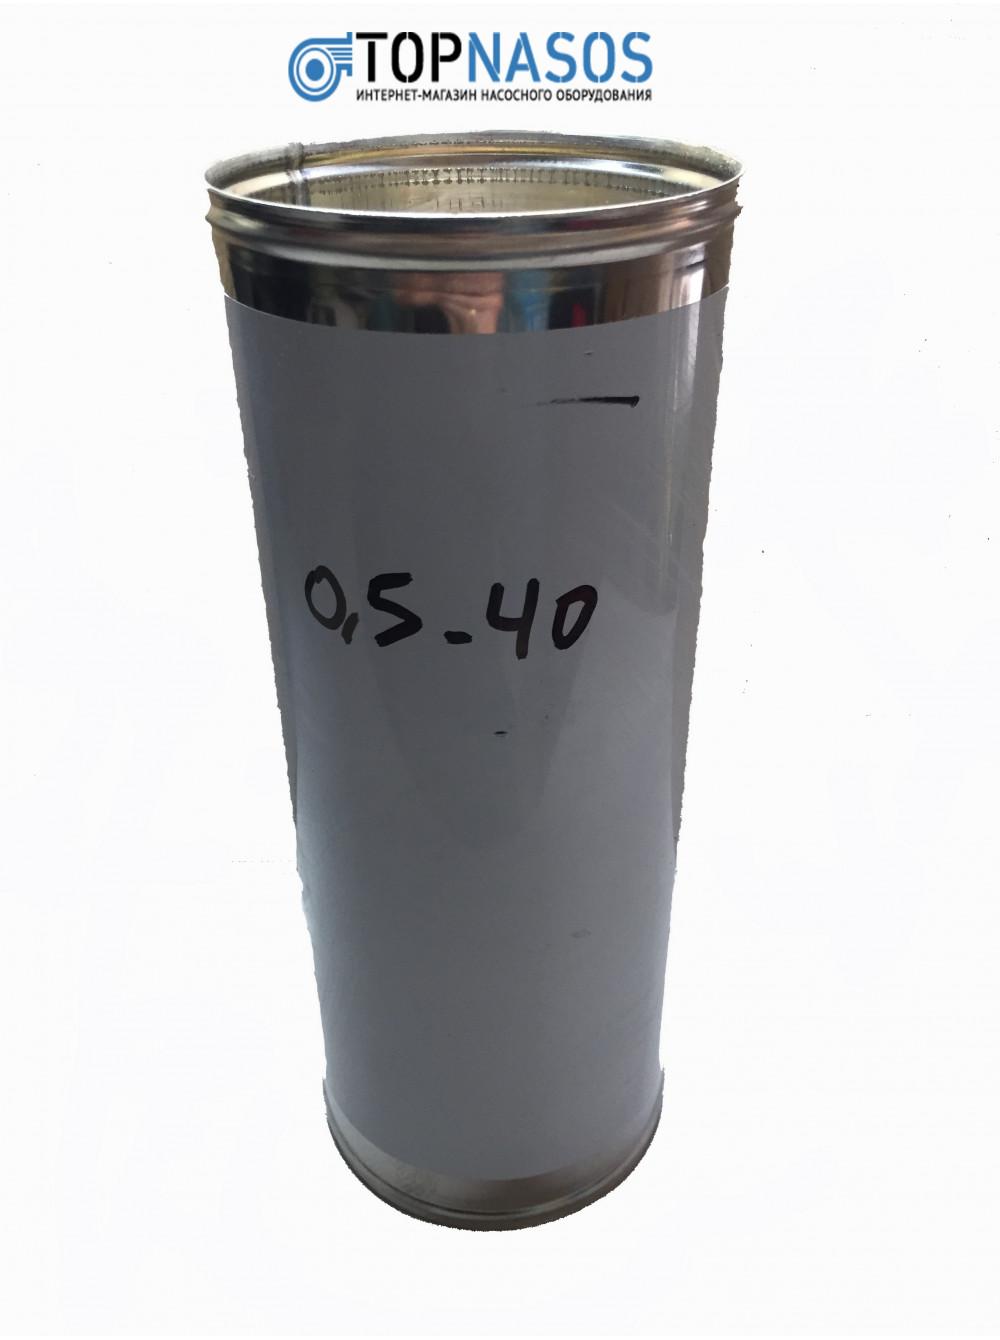 Обмотка статора для насоса Водолей(Харьков) БЦПЭ 0,5-40 цена